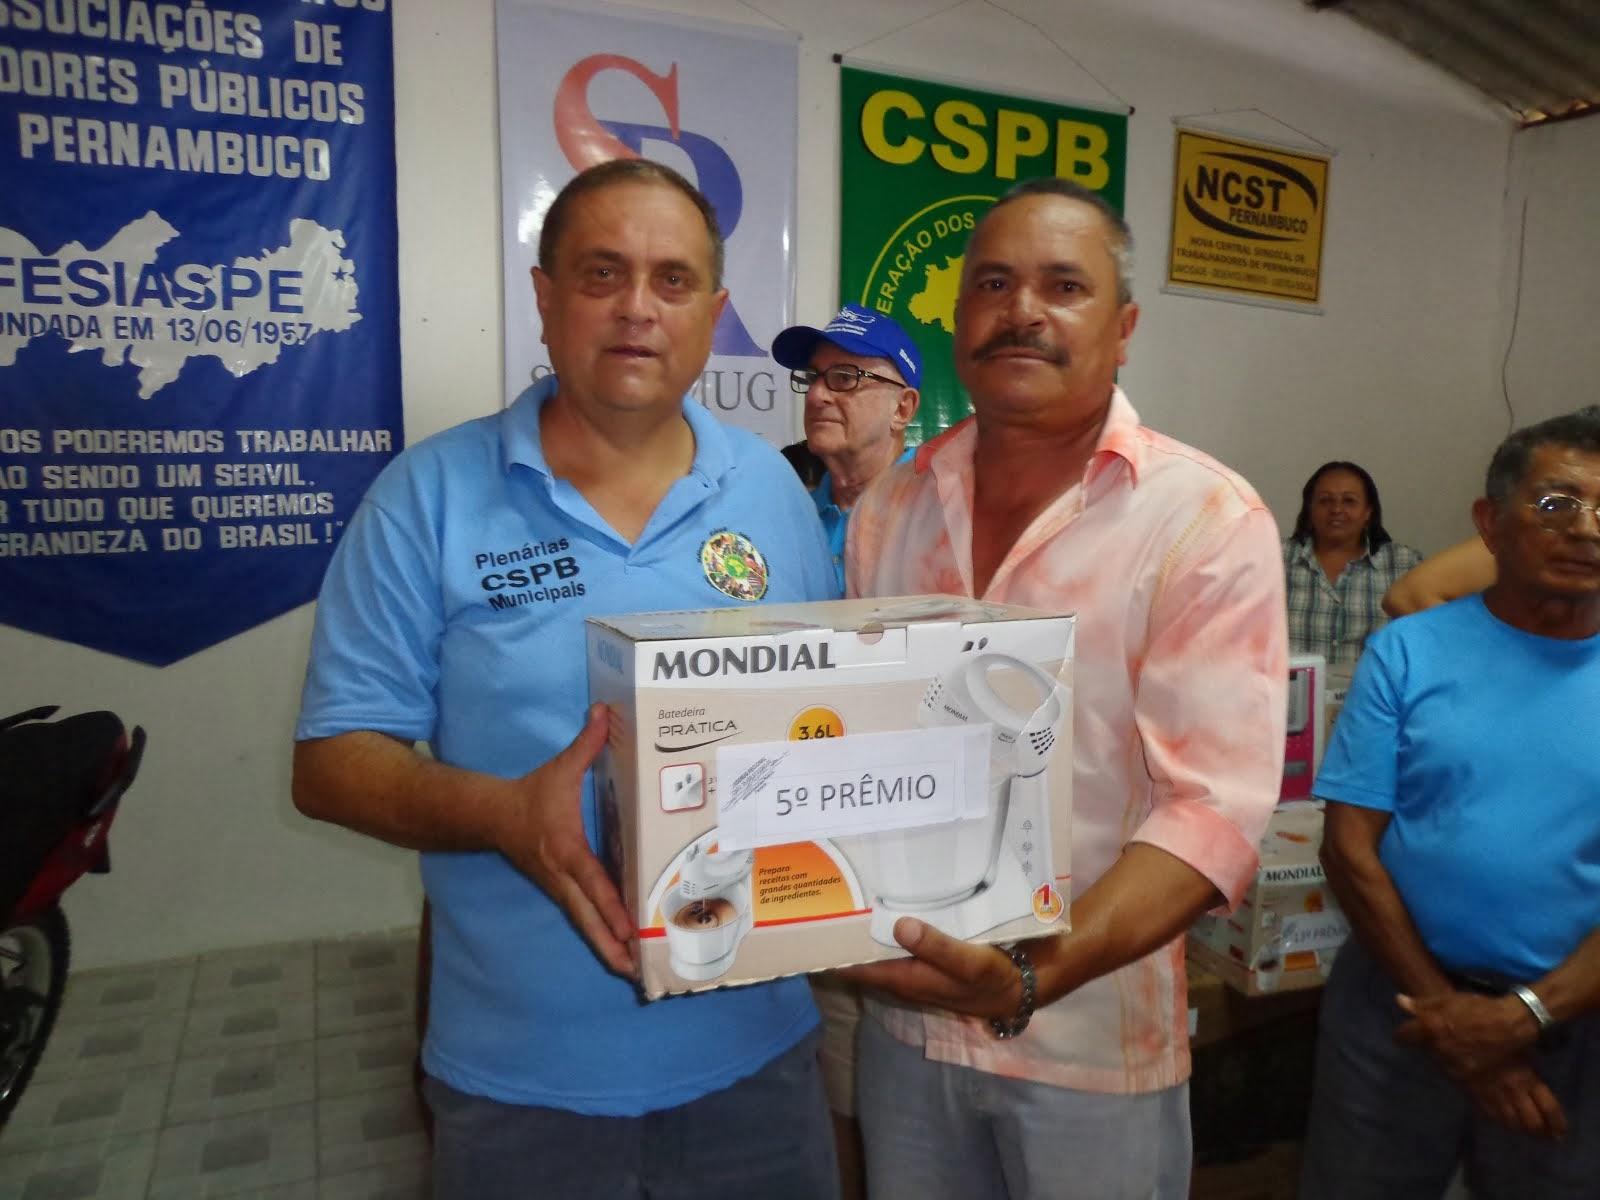 GANHADOR 5º PRÊMIO FESTA DO SERVIDO EM 2013